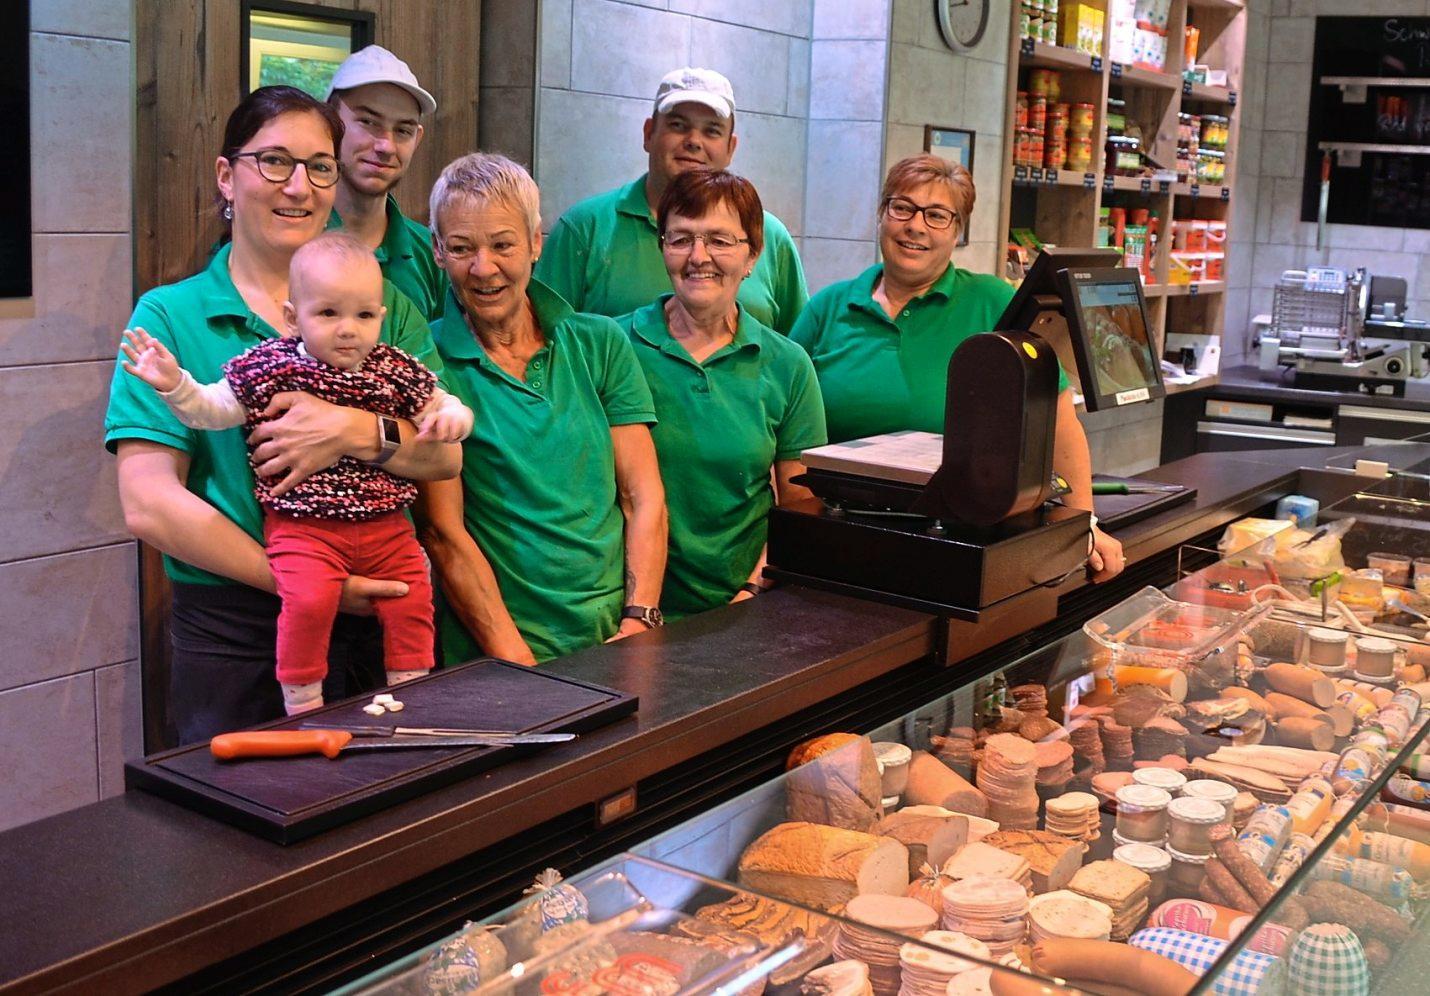 freuen sich die Kunden und die ganze Familie Heid, die so gut aufgestellt in die Zukunft geht. Fotos: Deisler